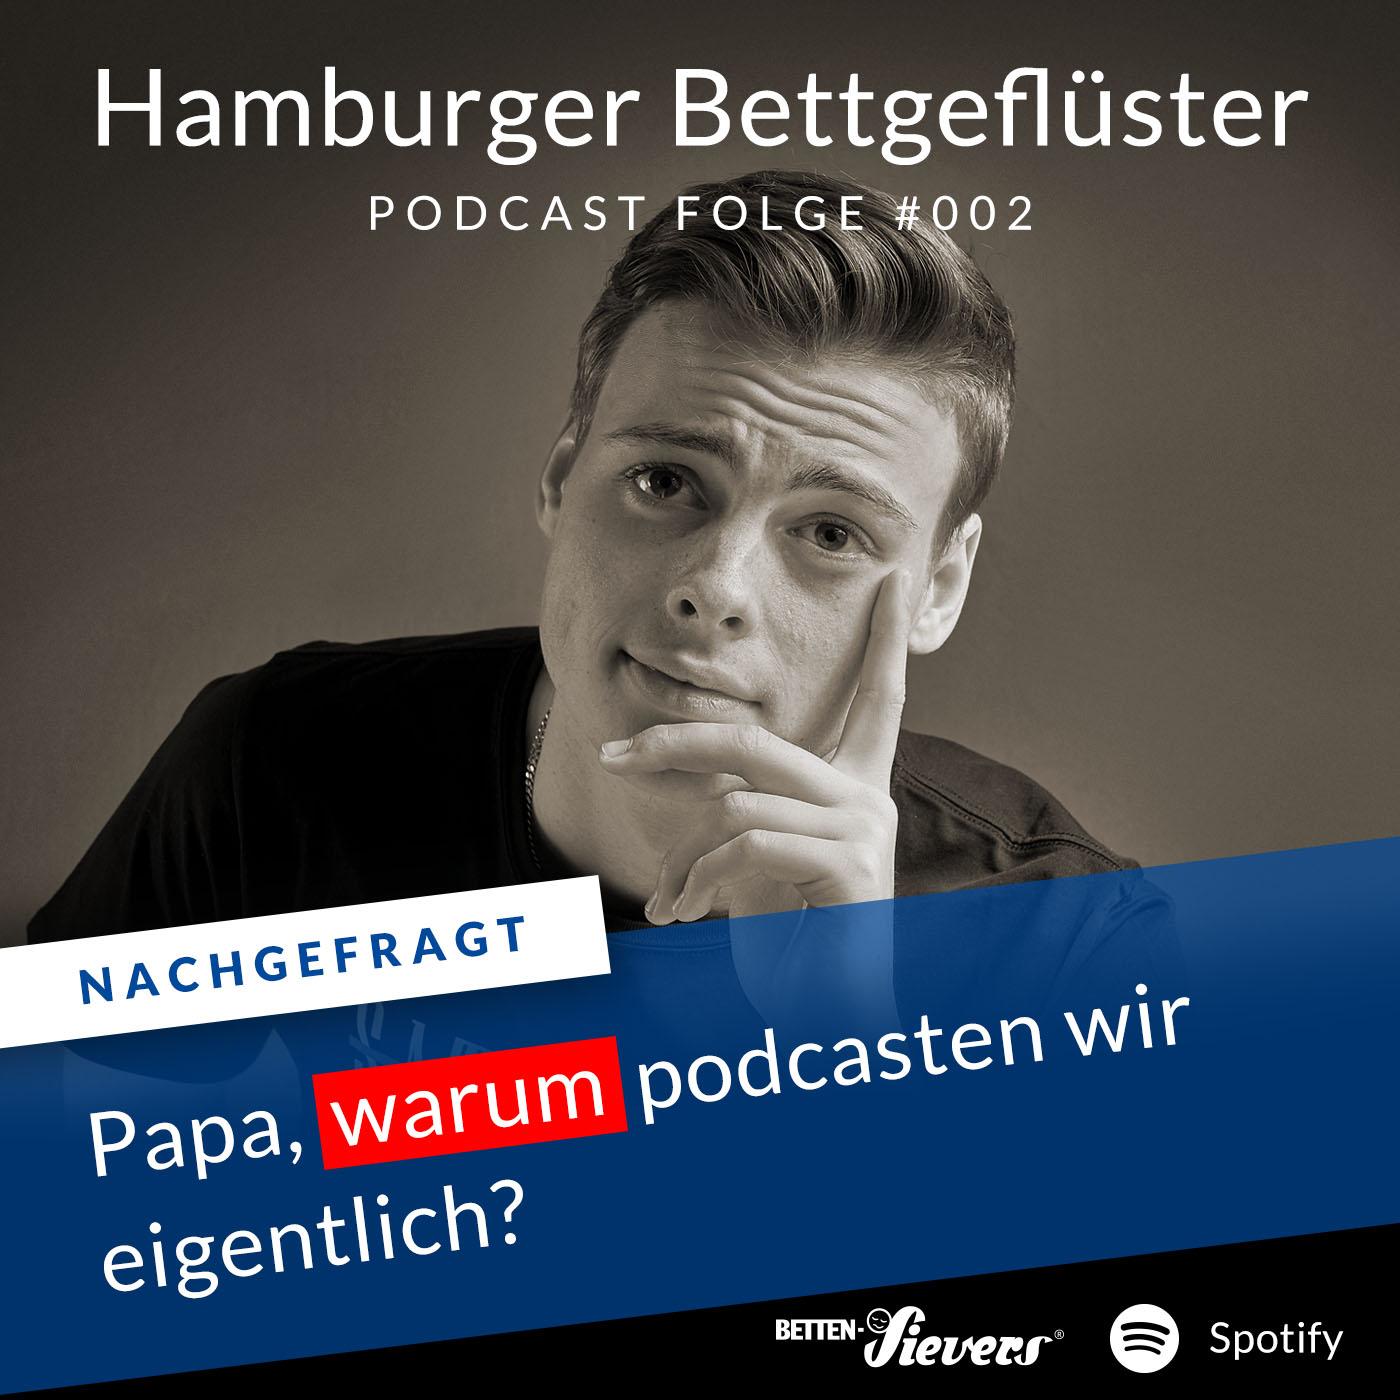 Folge#002 Podcast Hamburger Bettgefluester. Warum podcasten wir?